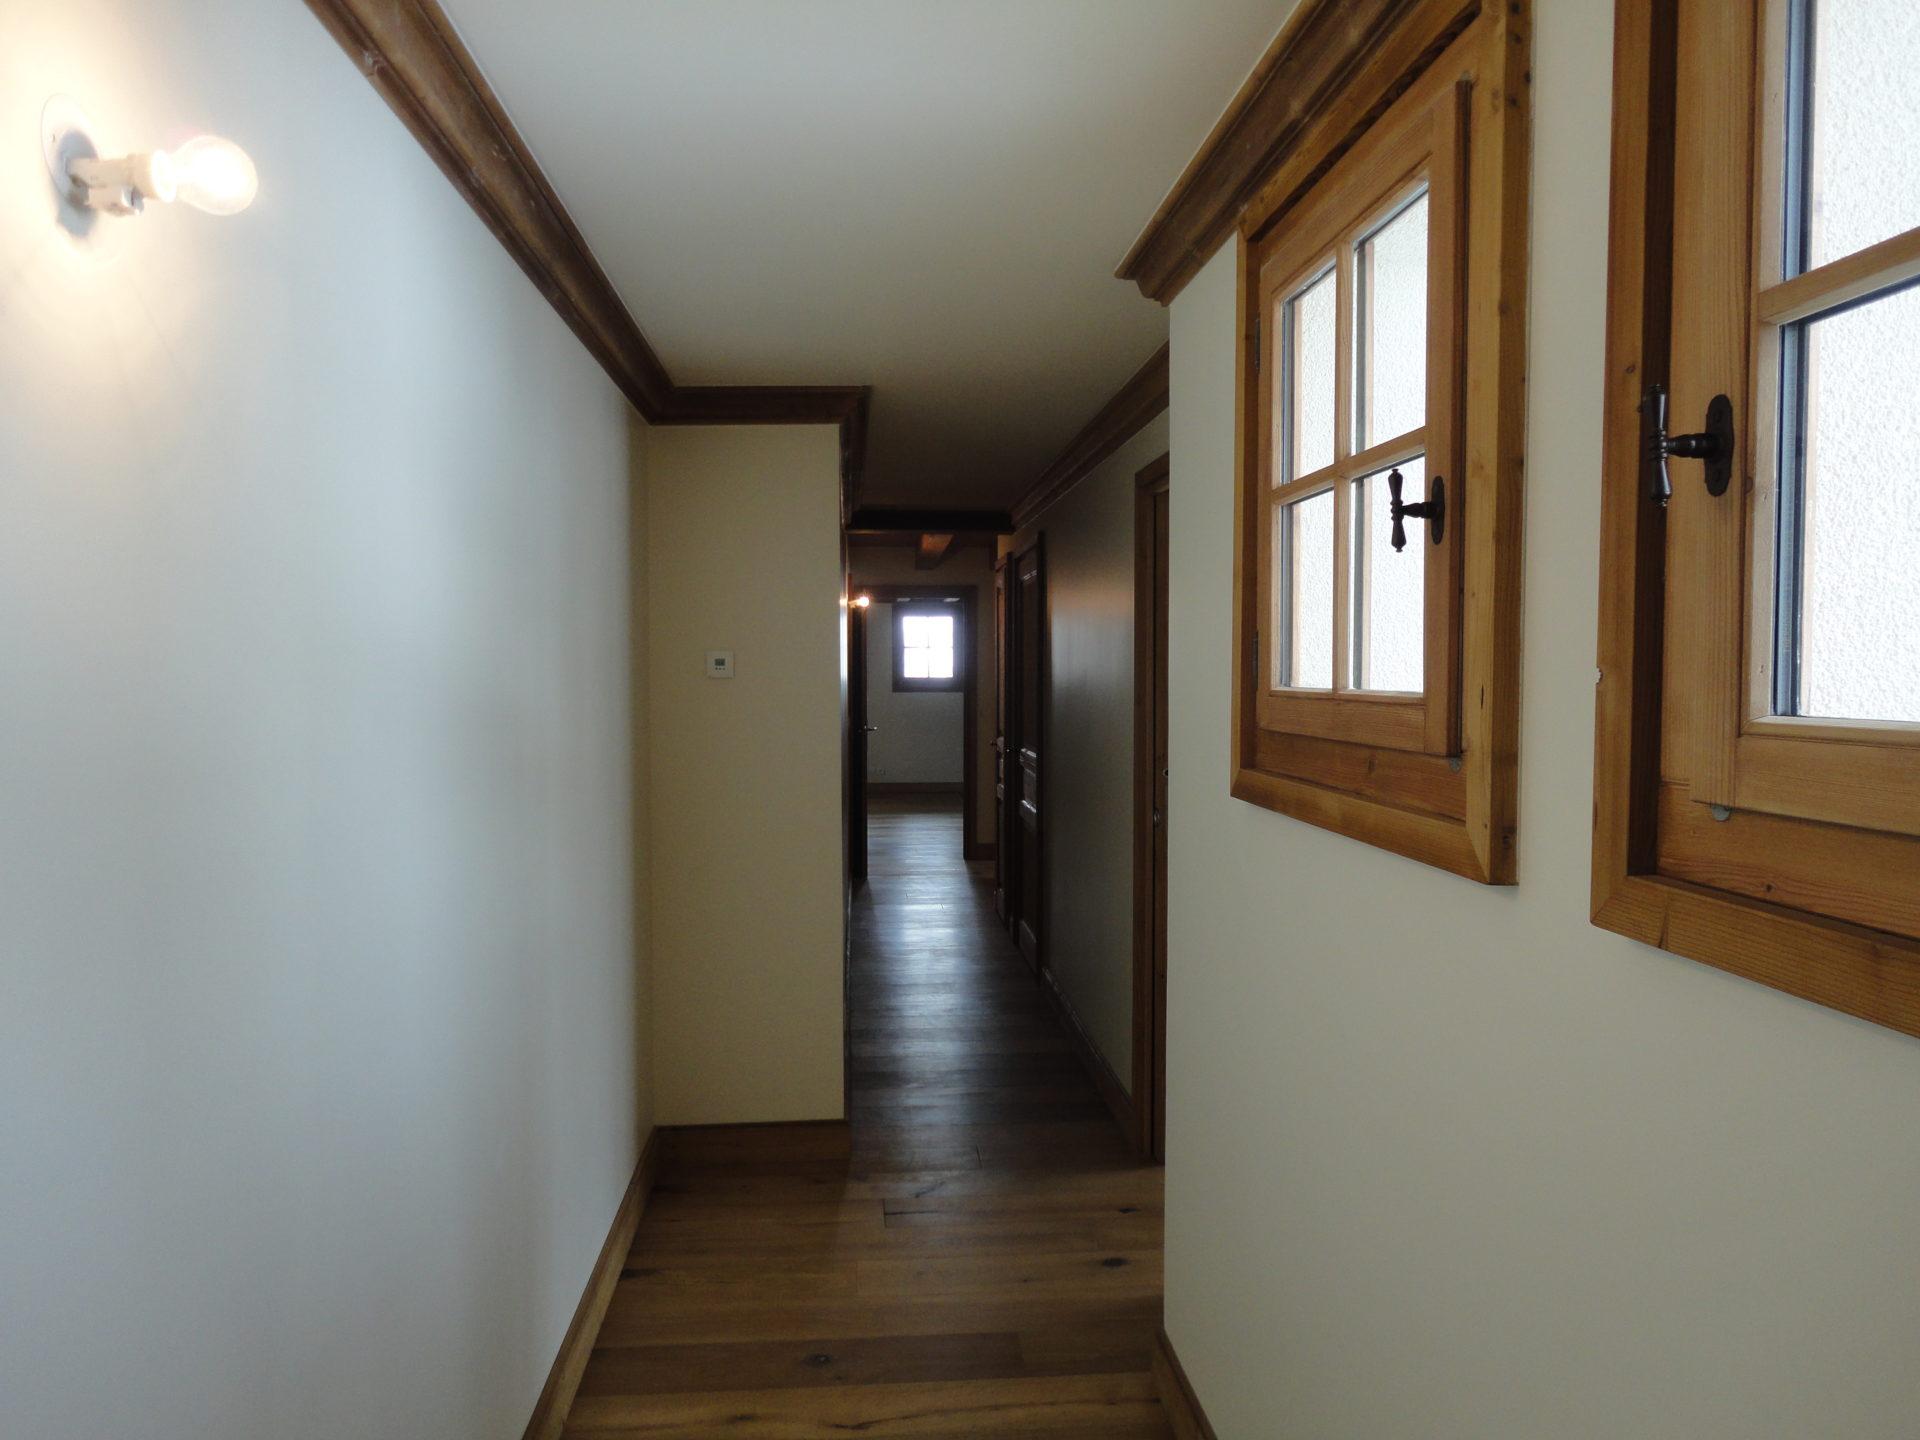 Les Chalets du Nant Giraud II - Appartement G3 - Saint Martin de Belleville - Savoie France